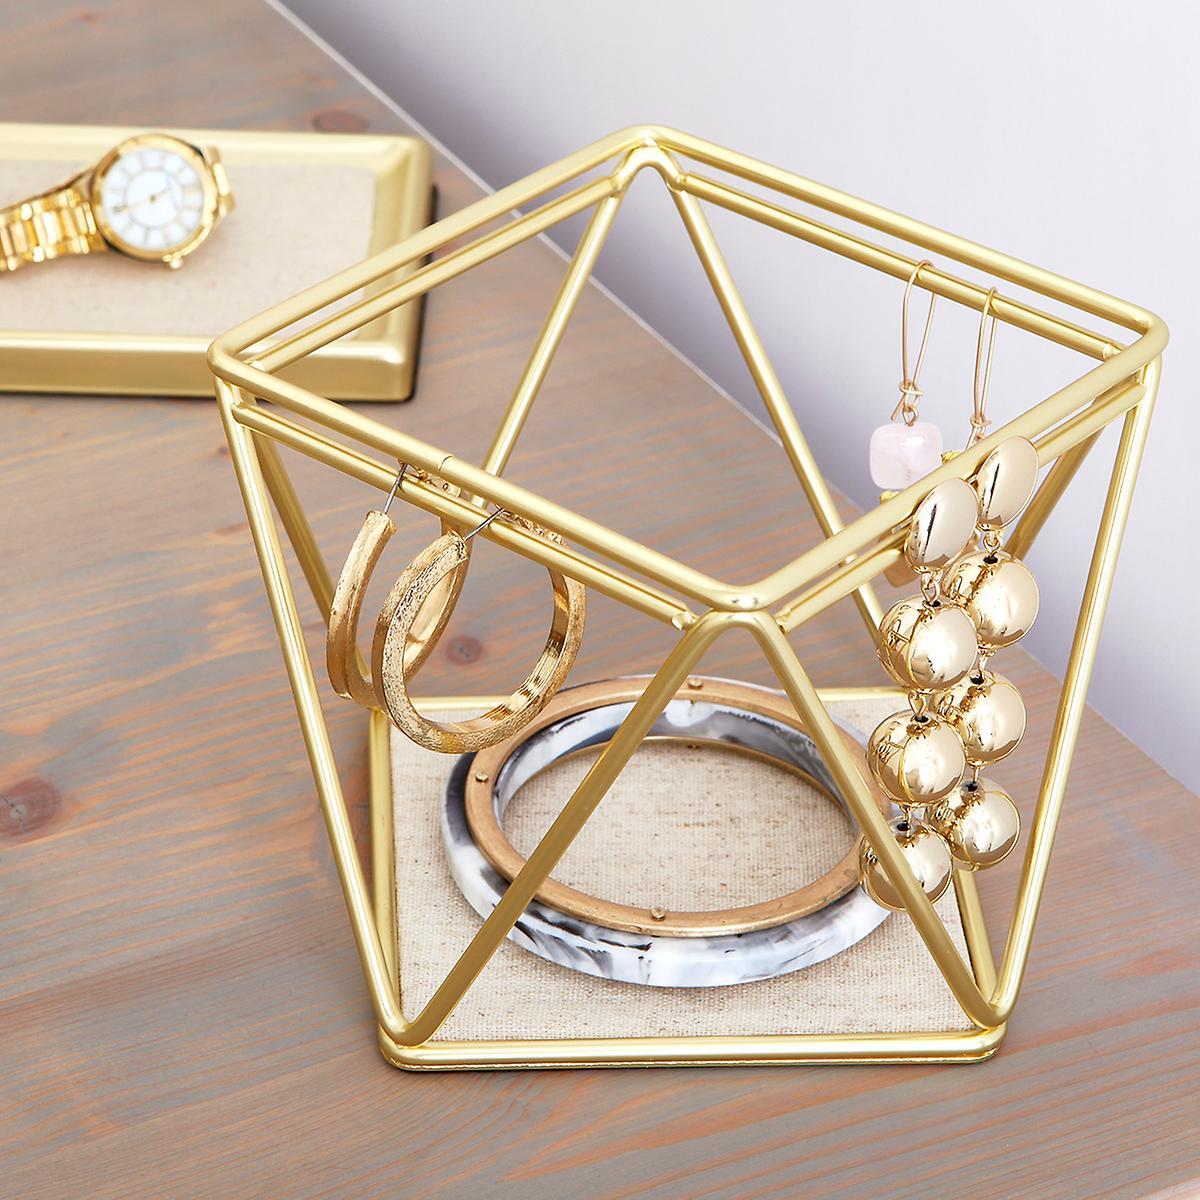 Umbra Gold Prisma Bracelet & Earring Holder